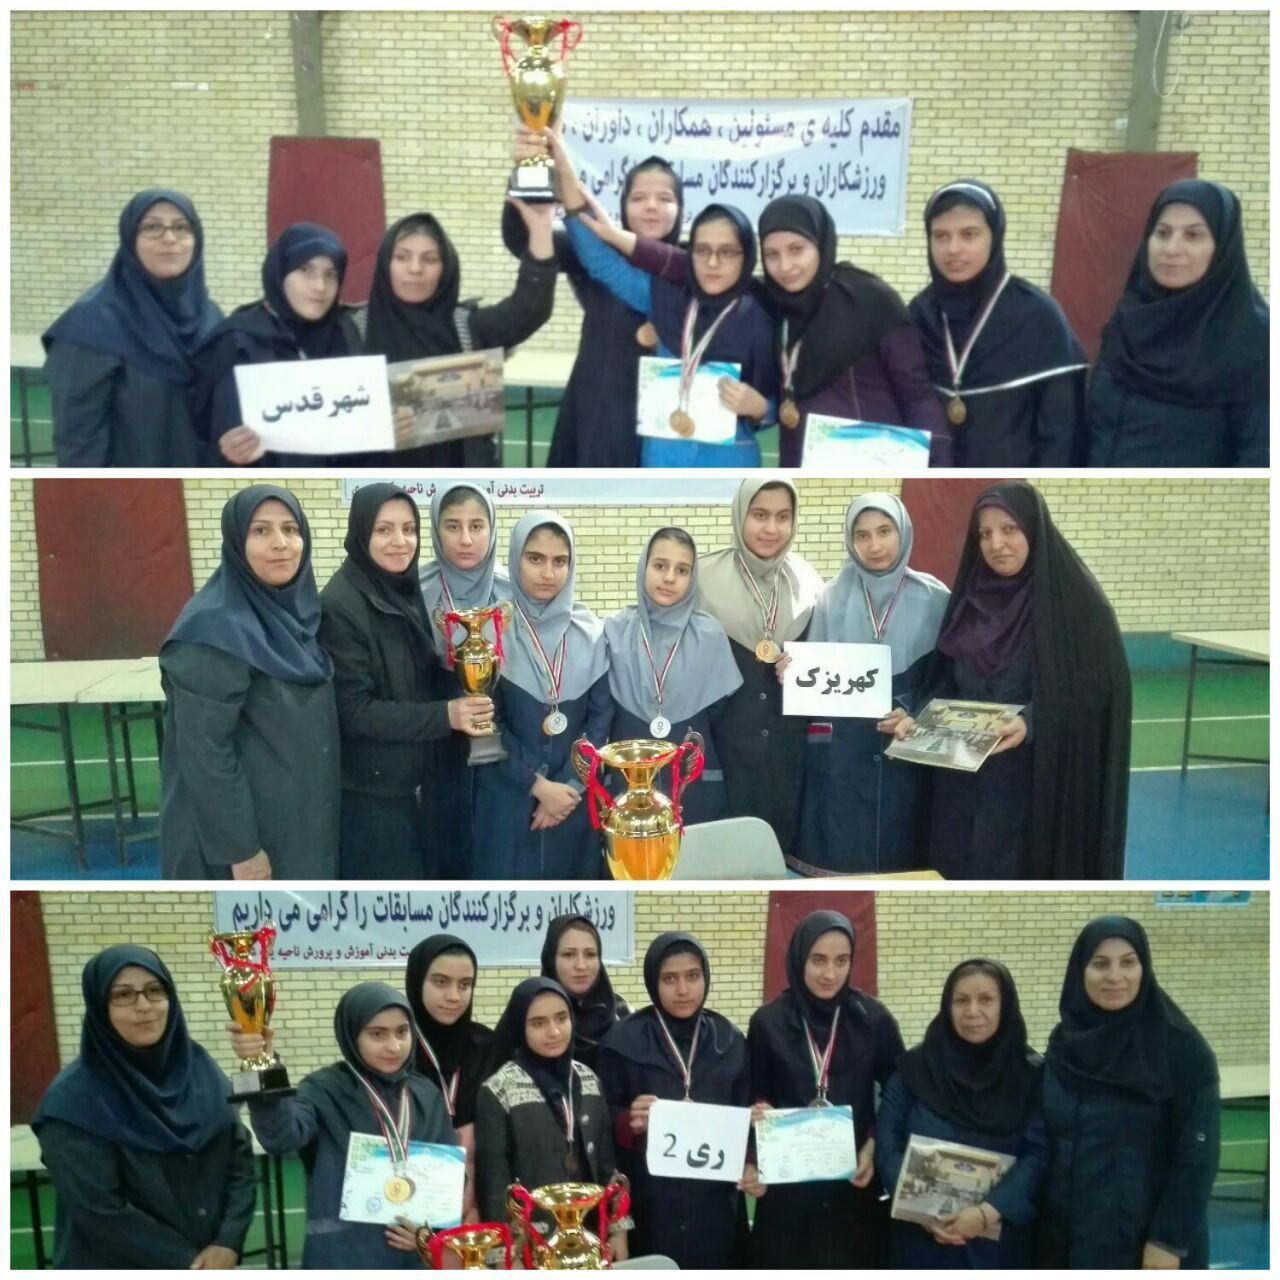 مسابقات شطرنج آموزشگاه های شهرستان های تهران